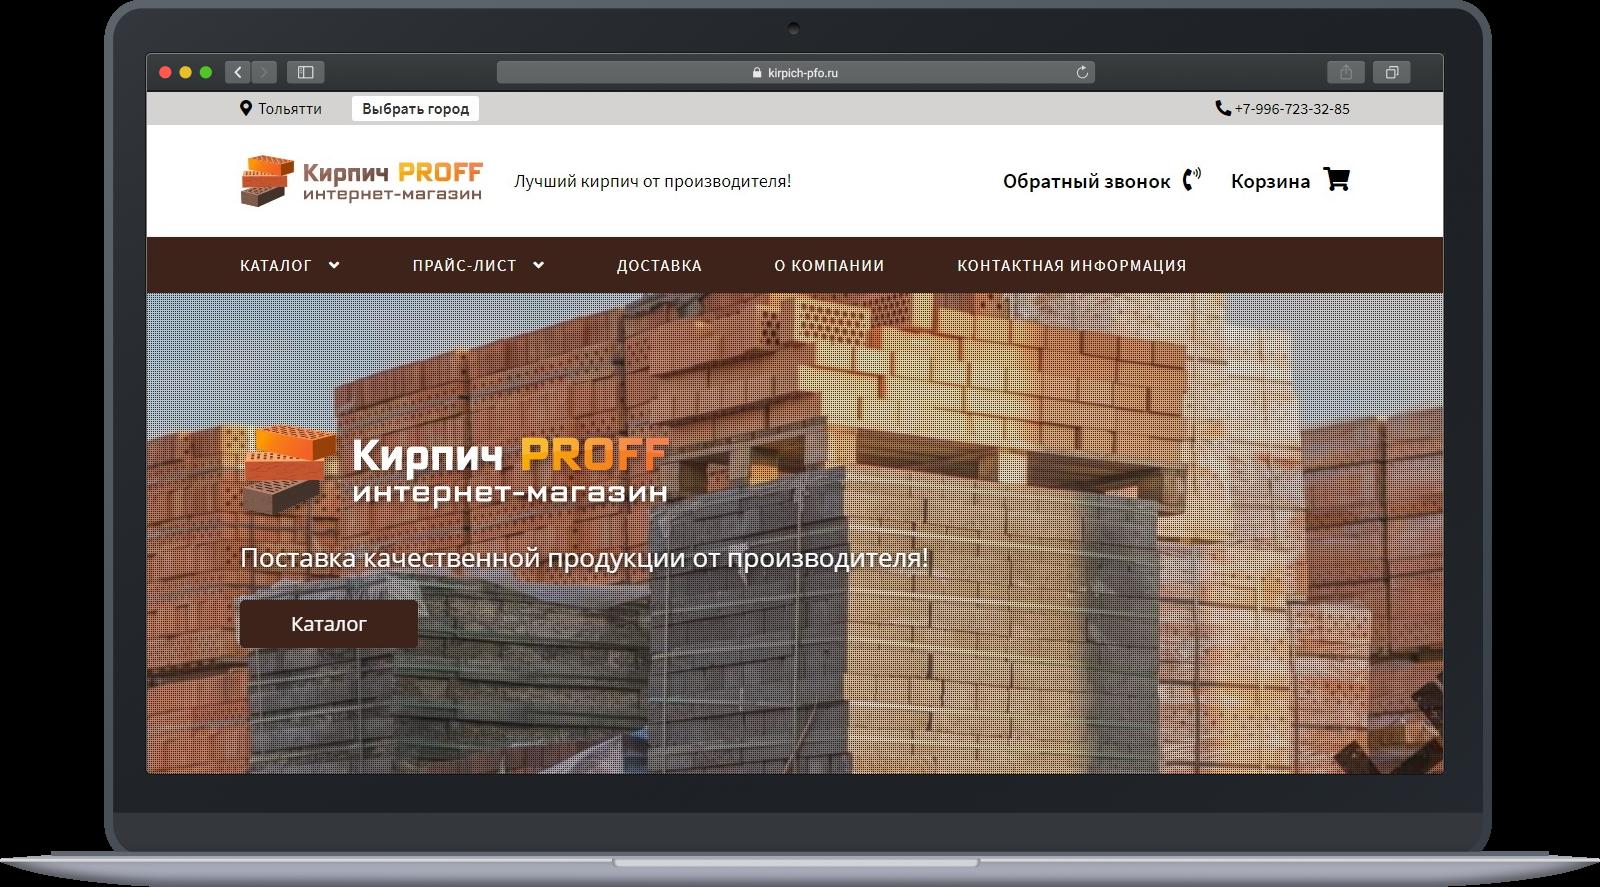 Портфолио: Интернет-магазин «Кирпич PROFF» - Главная страница